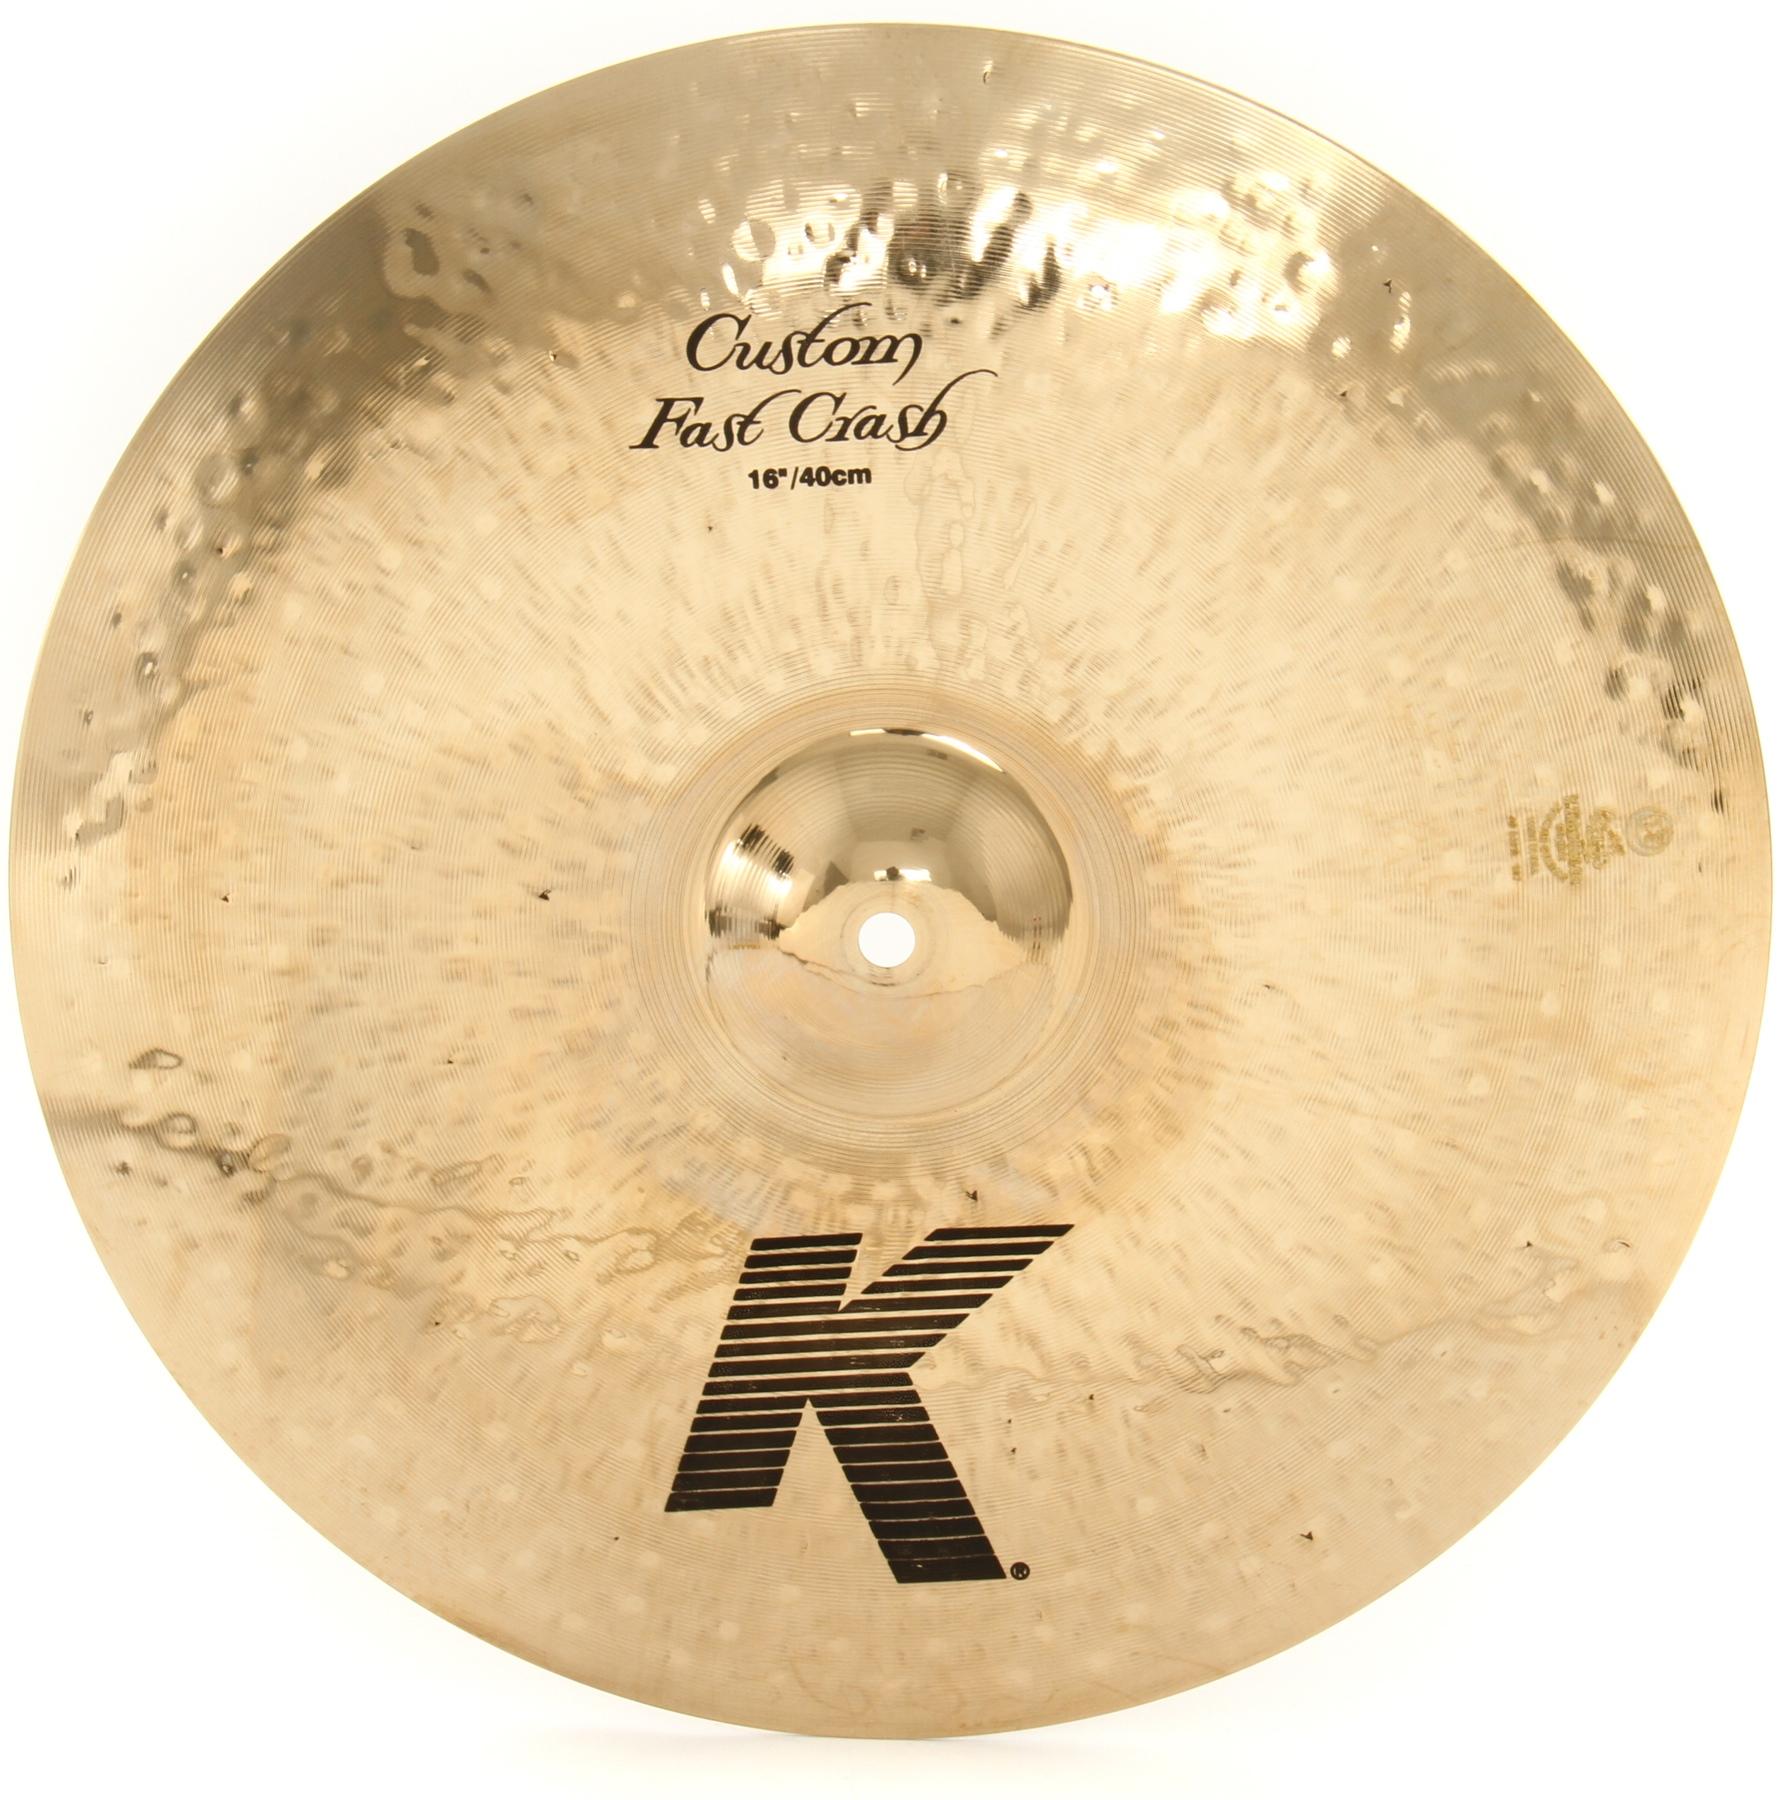 """Billede af Zildjian 16"""" K Custom Fast Crashbækken"""